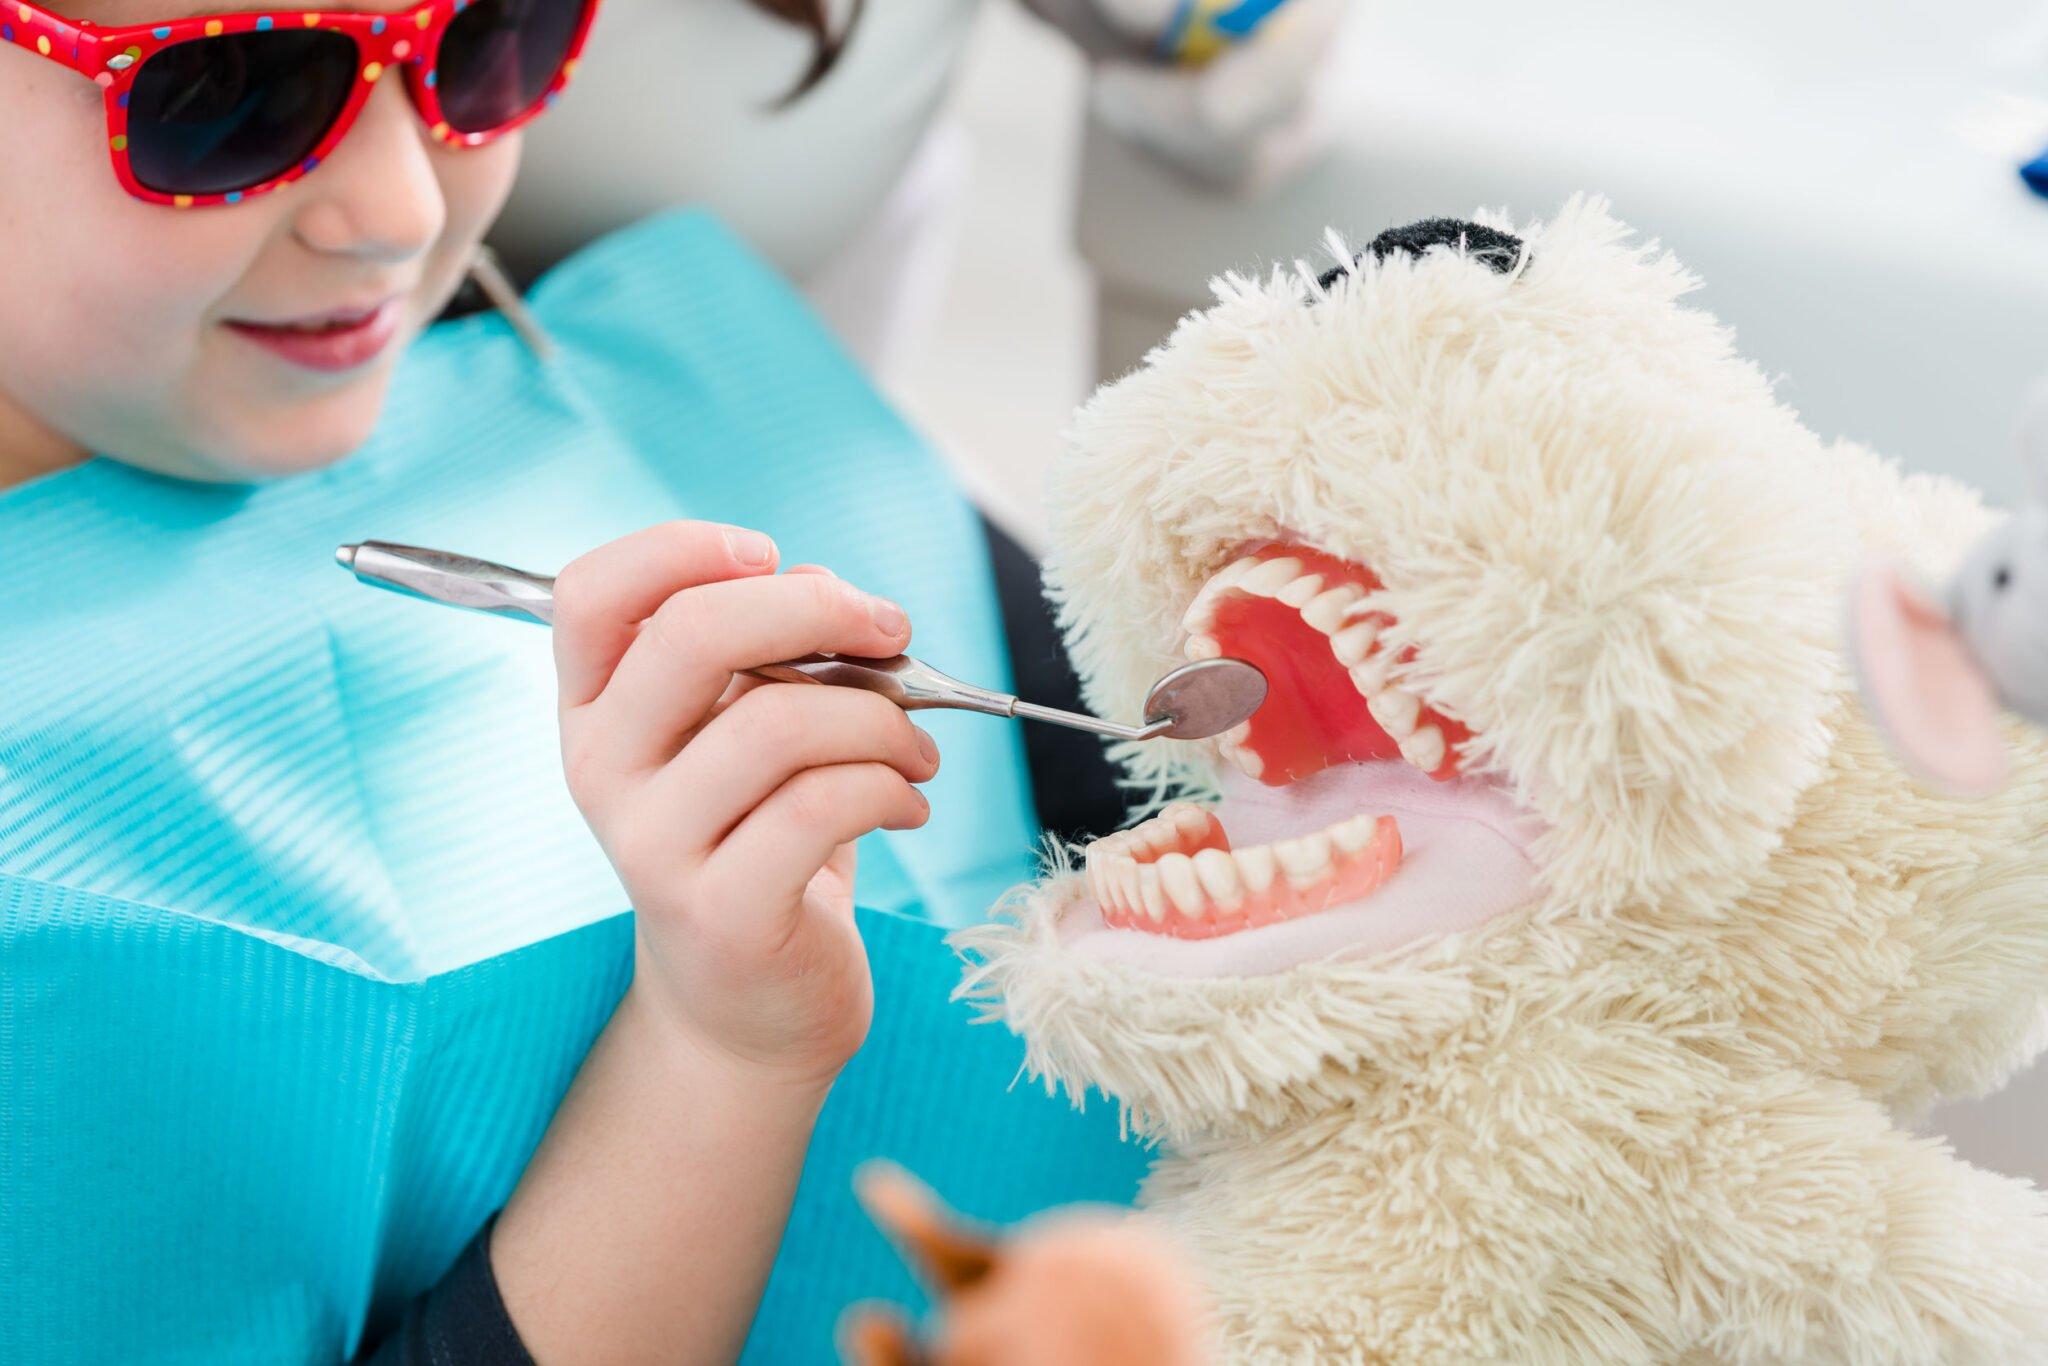 Gaatjes in tanden en kiezen bij kinderen - Mamaliefde.nl